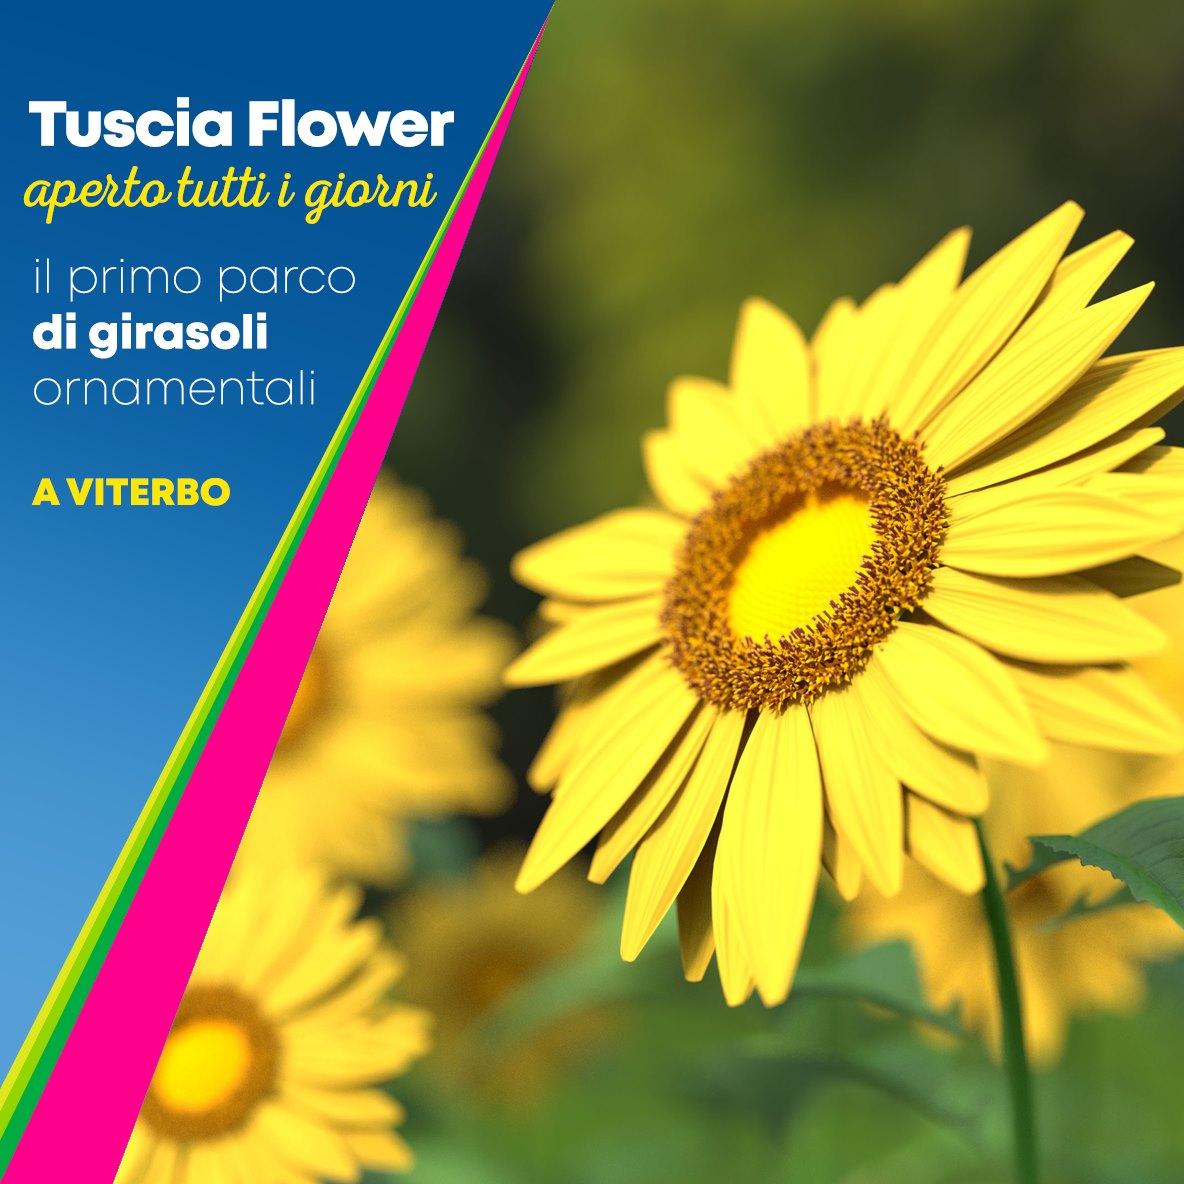 TUSCIA FLOWER APRE A VITERBO IL PRIMO PARCO DI GIRASOLI